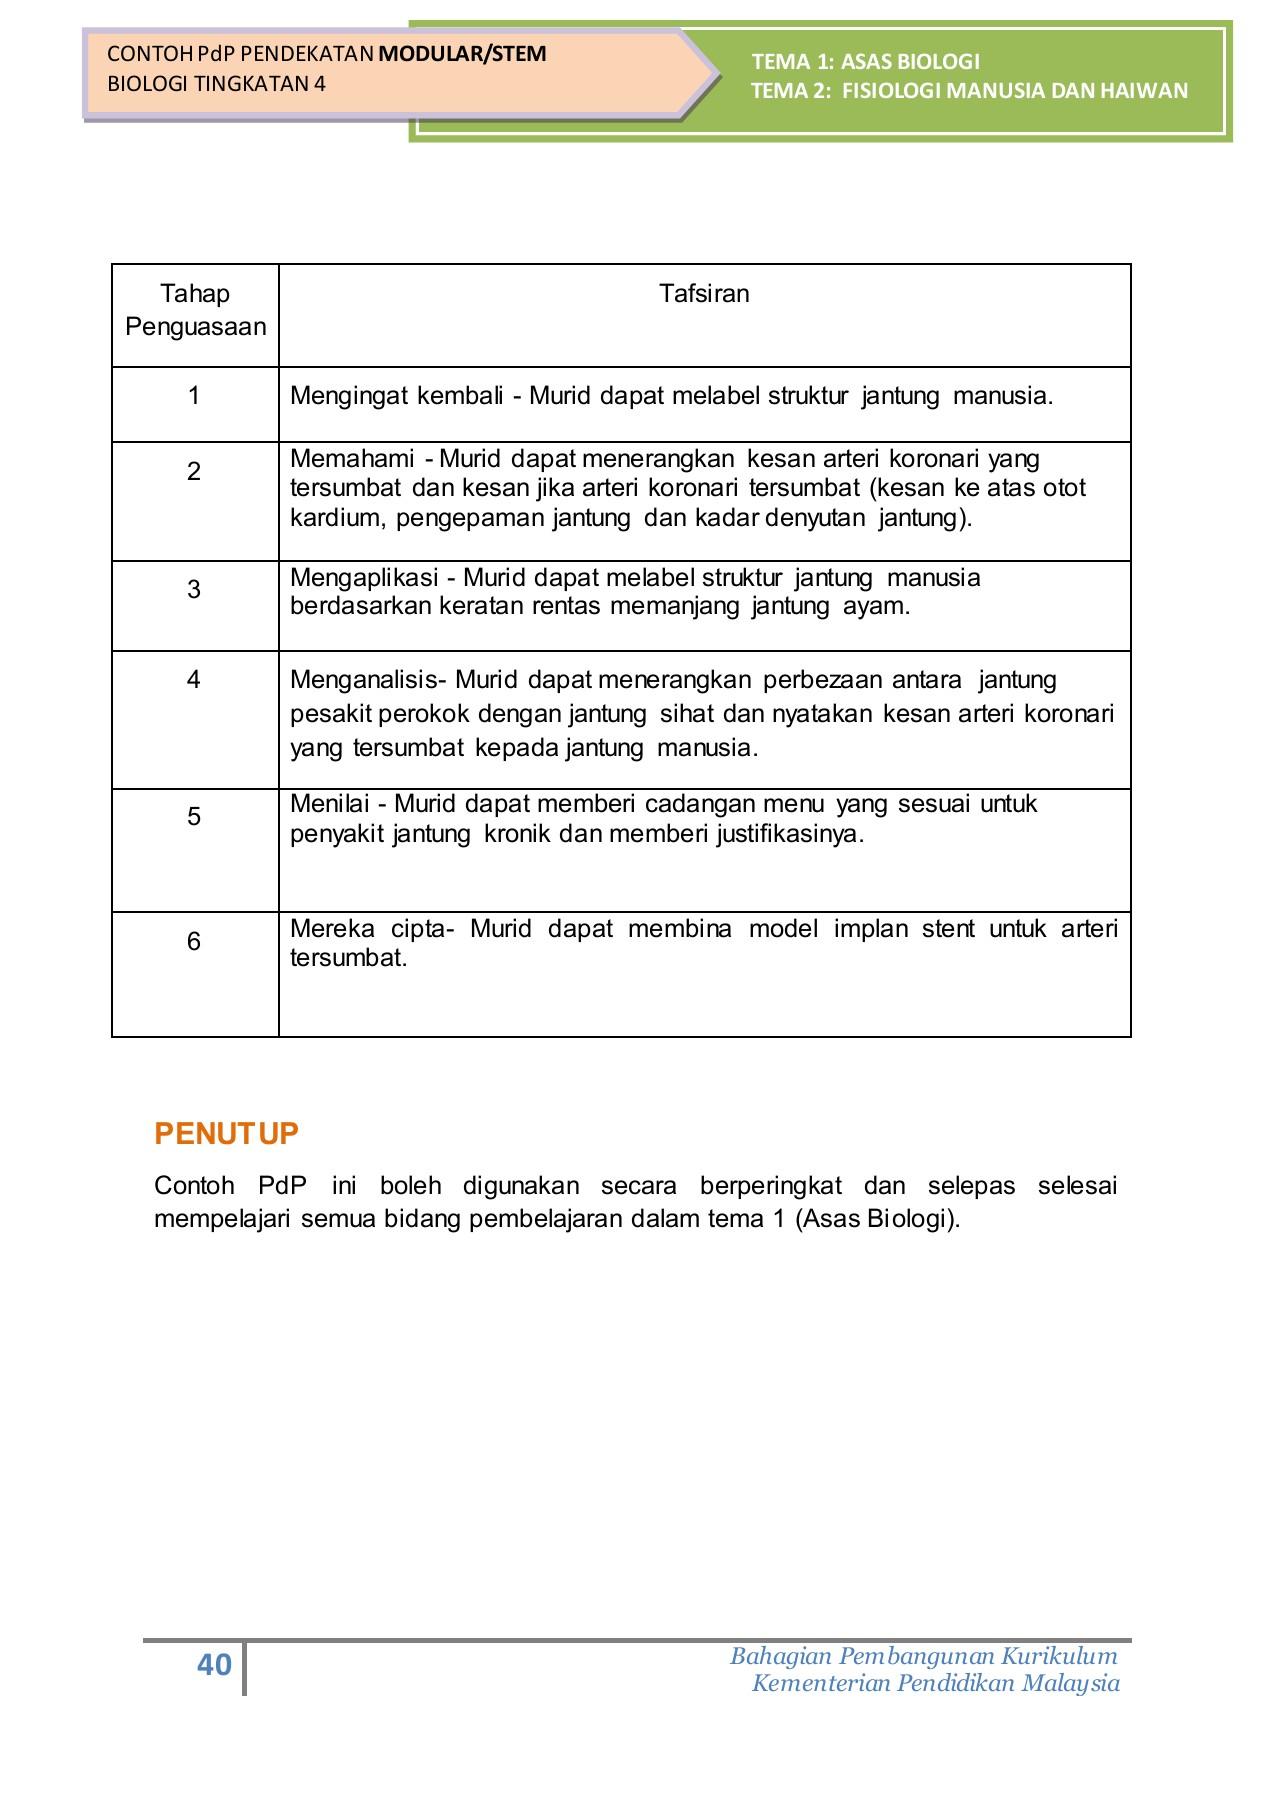 Panduan Pdp Biologi 2020 Edisi Bm Membalik Buku Halaman 51 94 Pubhtml5